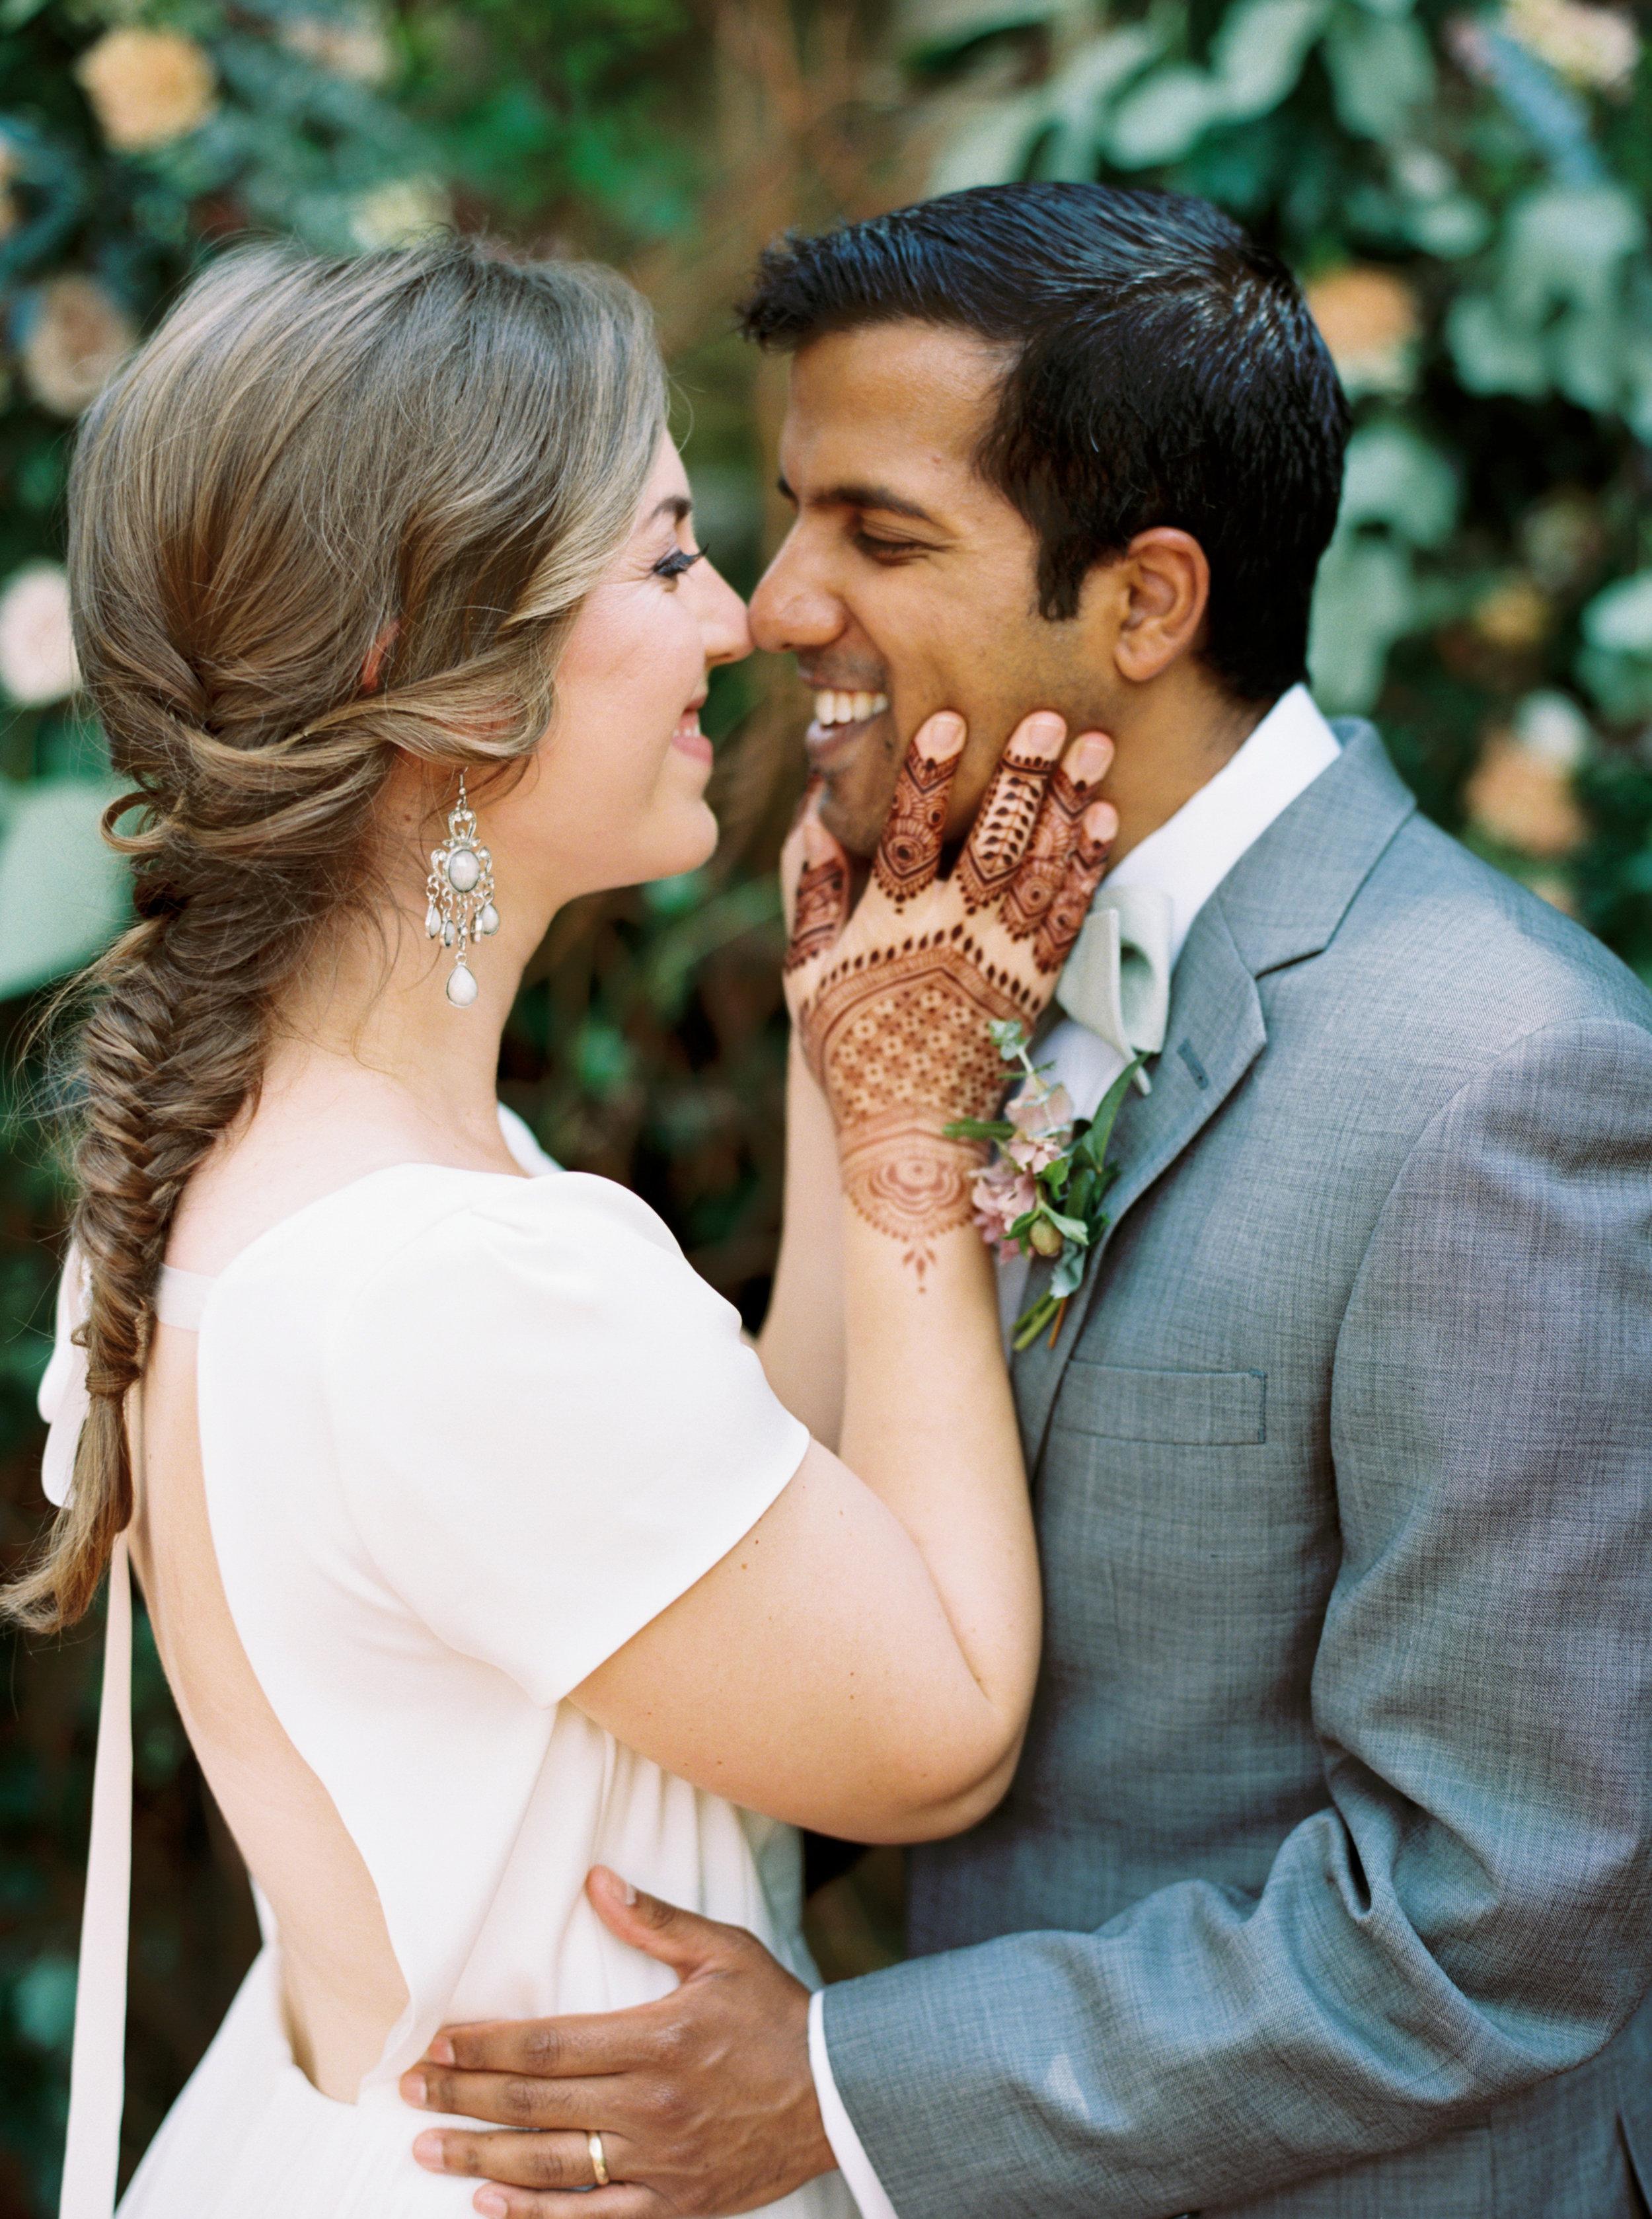 Wahoo_Grill_Atlanta_Indian_Wedding_Abigail_Malone_Photgoraphy_FIlm-115.jpg